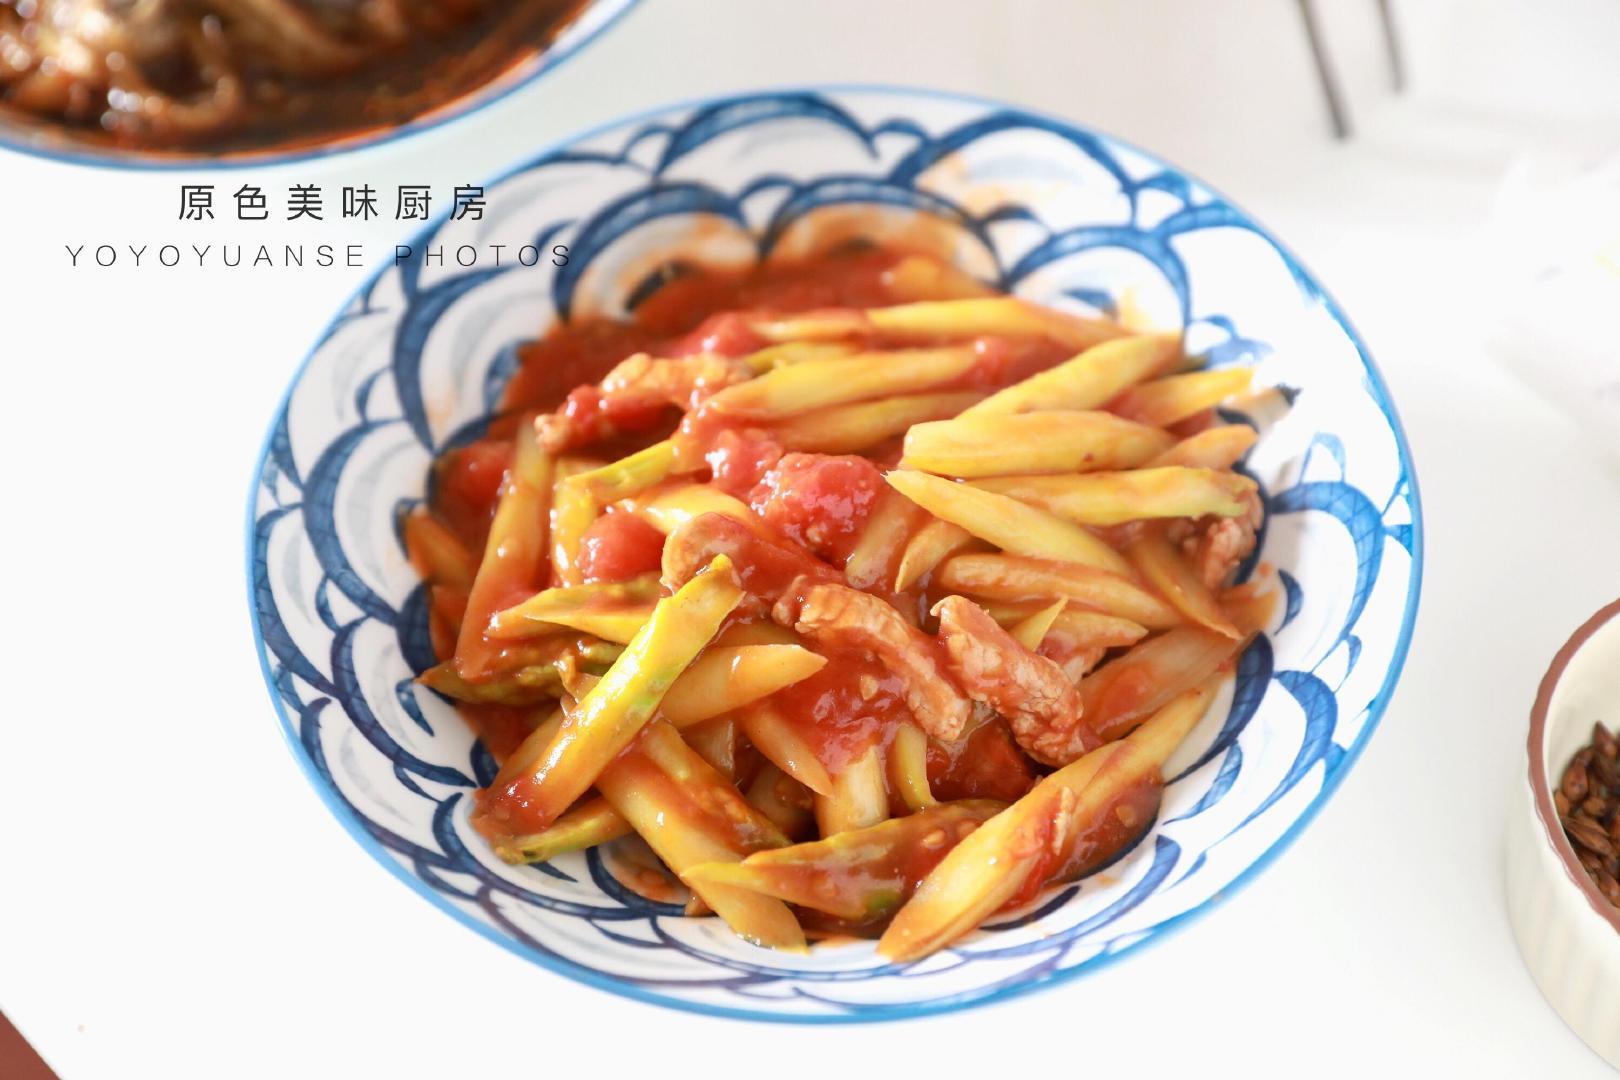 这道家常菜百吃不腻,简单易学,味道鲜美